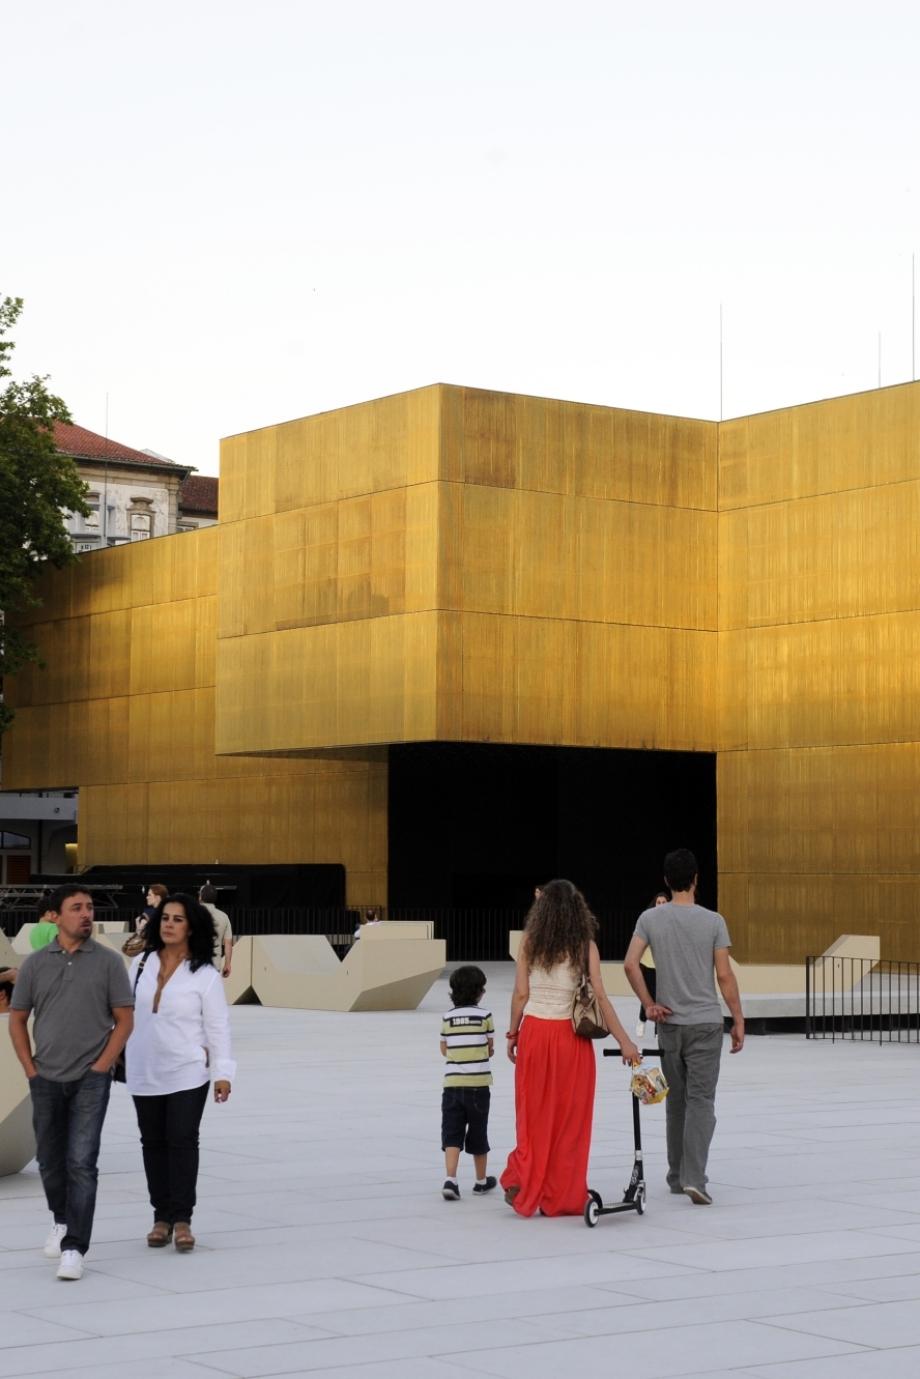 GuimaraesCool_Blog_Outono traz novidades ao Centro Internacional das Artes José de Guimarães